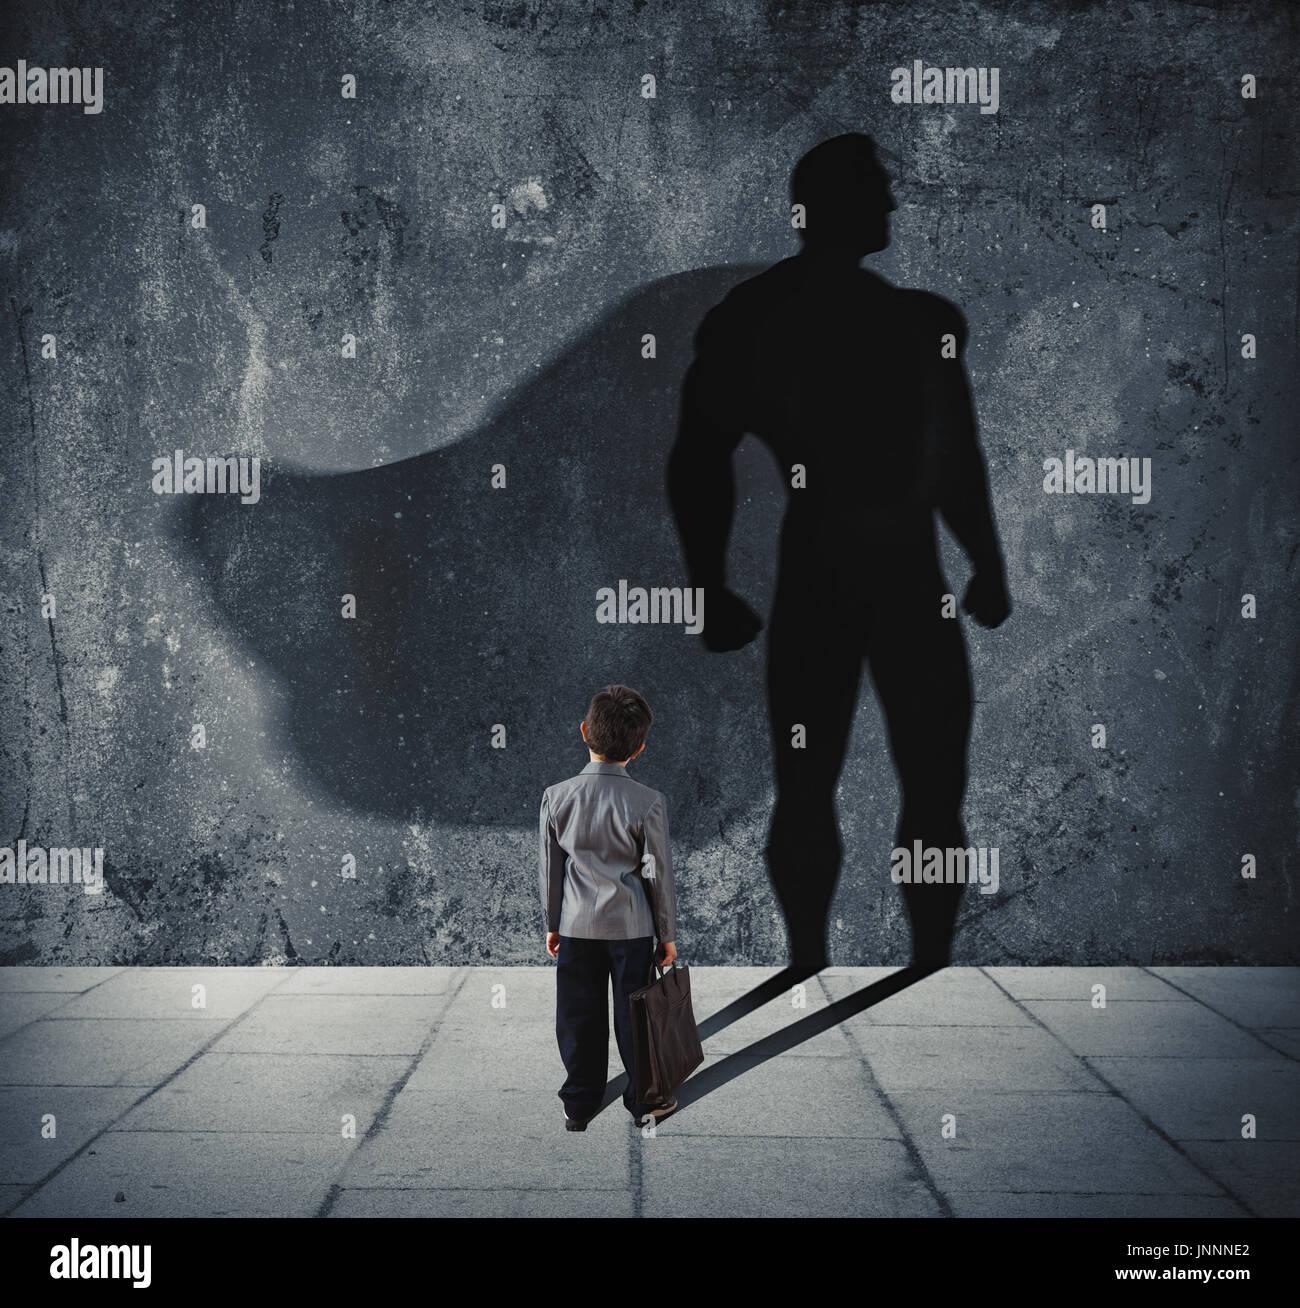 Giovane imprenditore con la sua ombra del super eroe sulla parete. Concetto di potente uomo di piccole dimensioni Immagini Stock